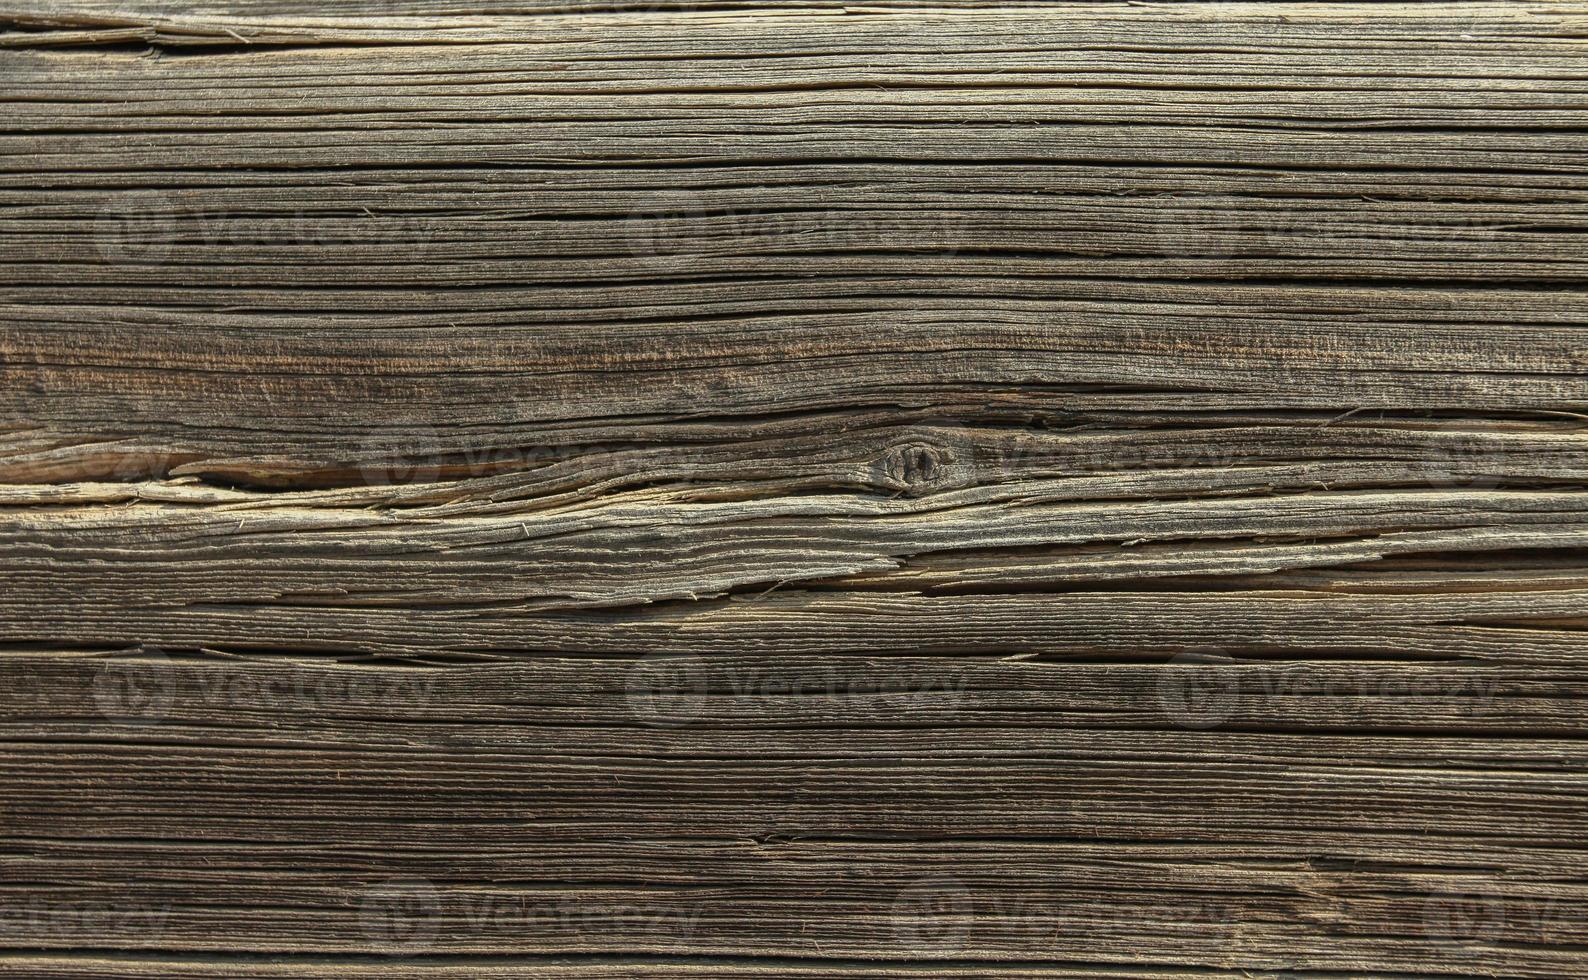 vecchio sfondo di pannelli di legno foto